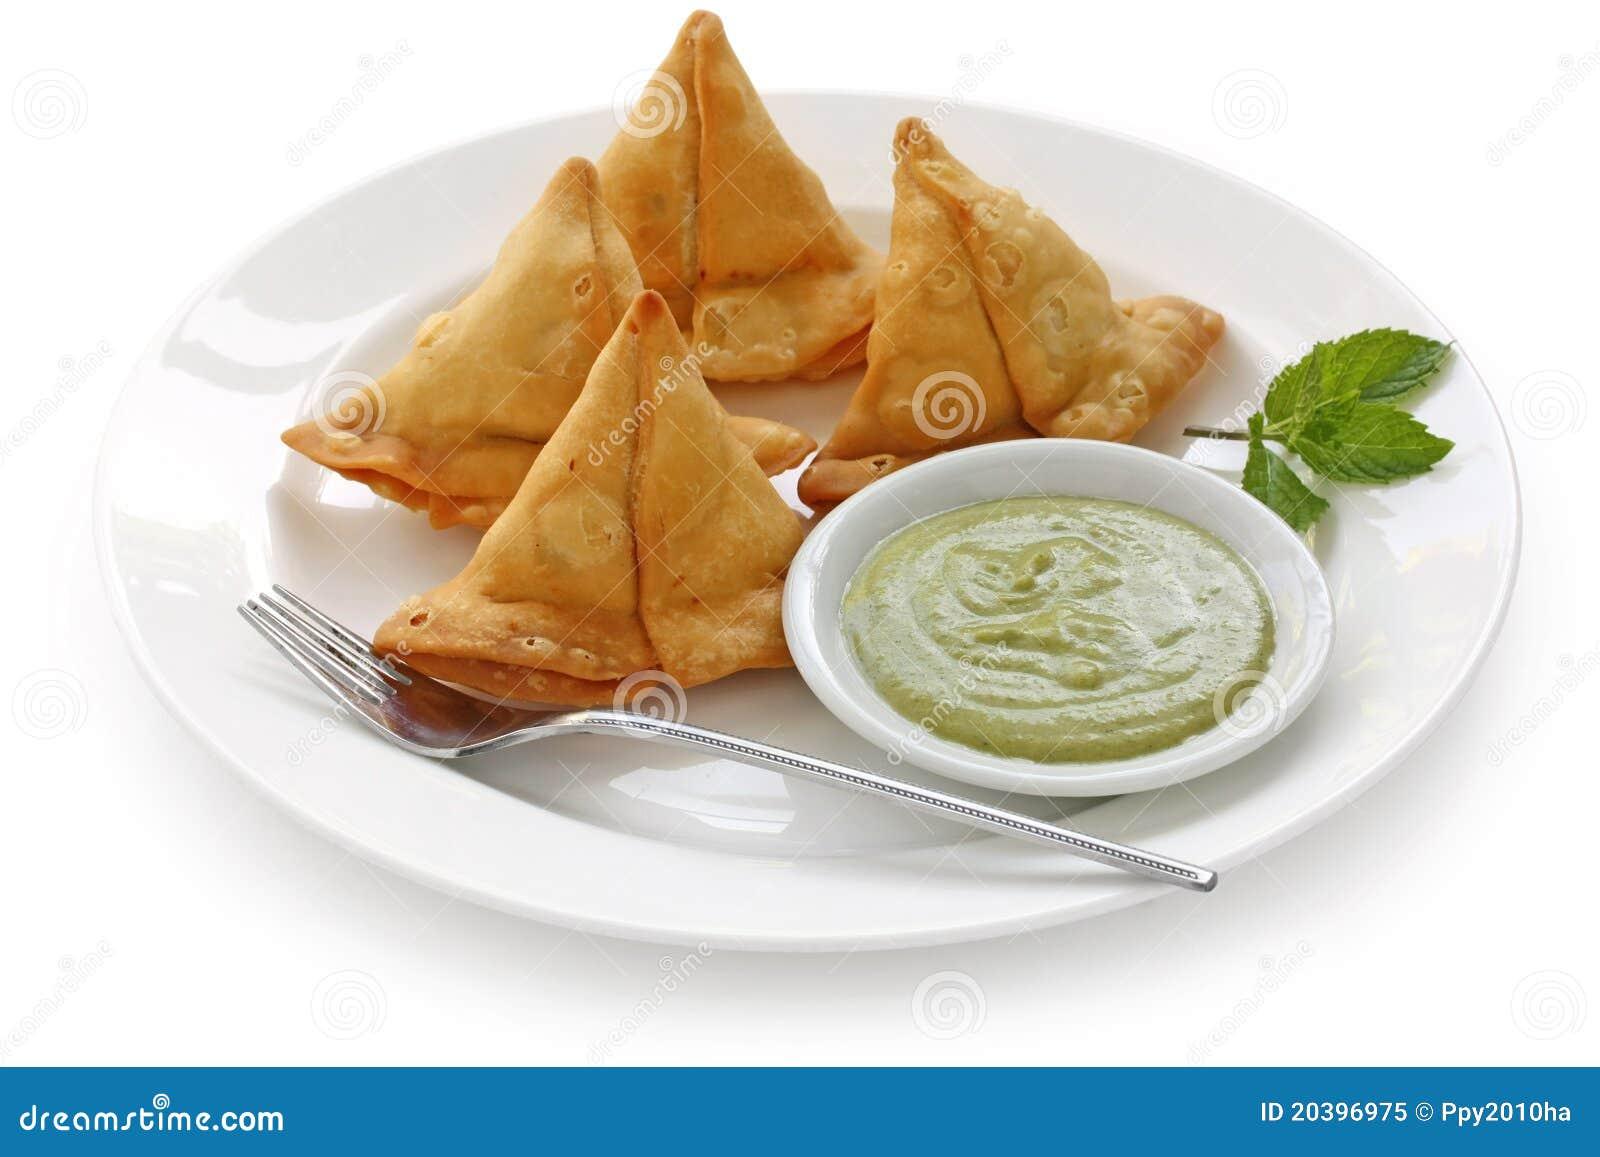 Mint Sauce Indian Food